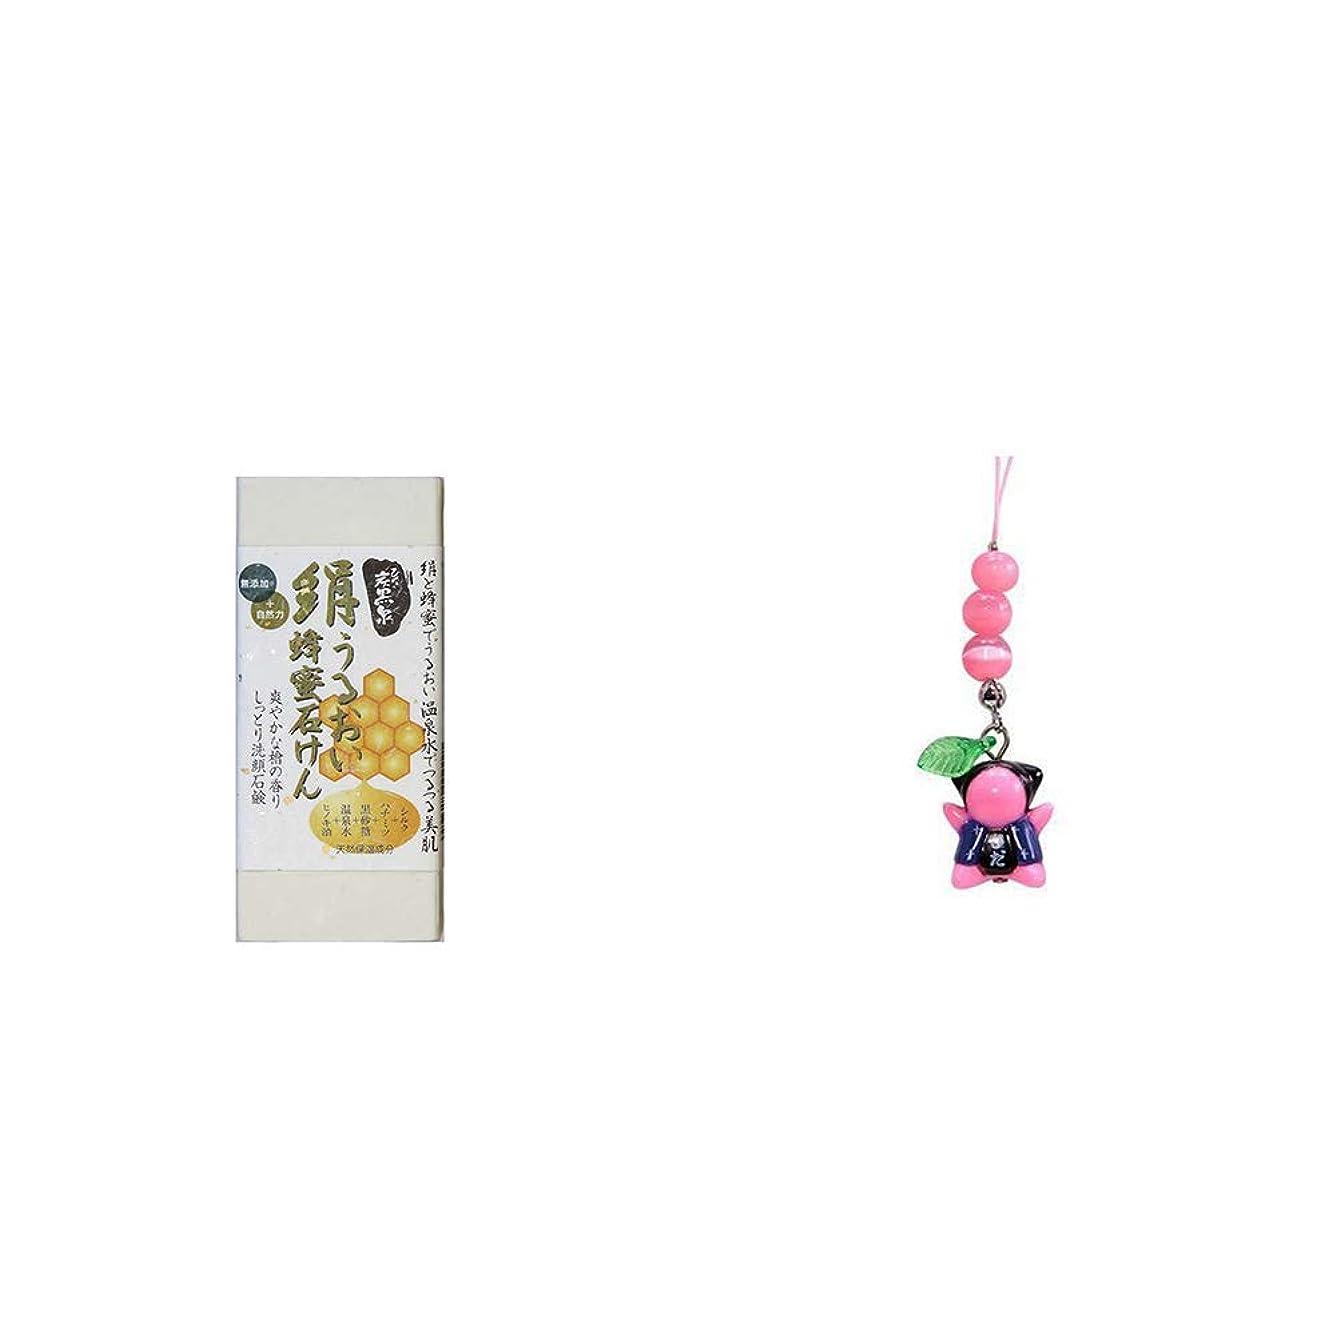 アライアンス直面する暗い[2点セット] ひのき炭黒泉 絹うるおい蜂蜜石けん(75g×2)?さるぼぼ癒しキャッツアイ【ピンク】/ ストラップ 恋愛運?素敵な出会い?幸せな結婚?豊かな人間関係 //